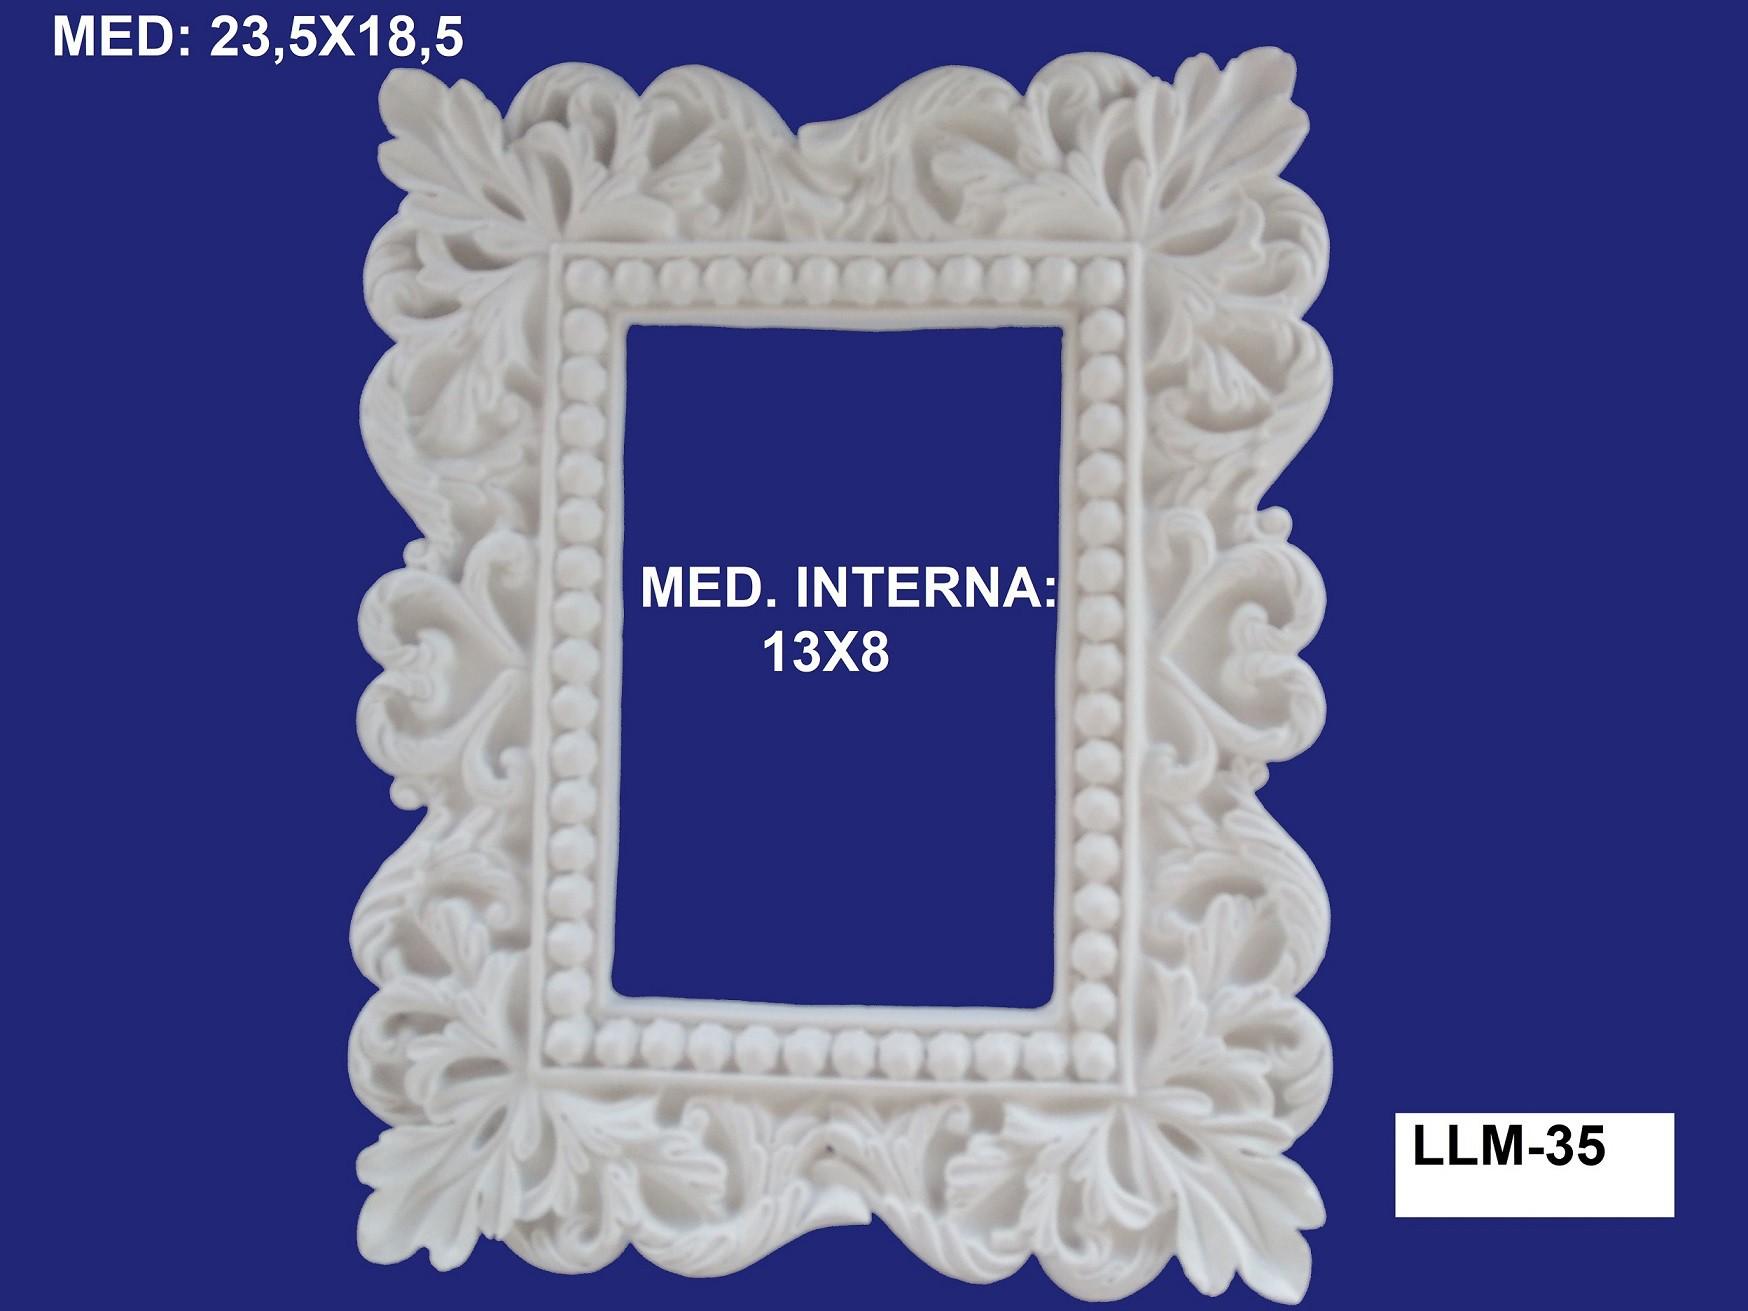 LLM-35 MOLDURA 23,5X18,5 INT: 13X08CM